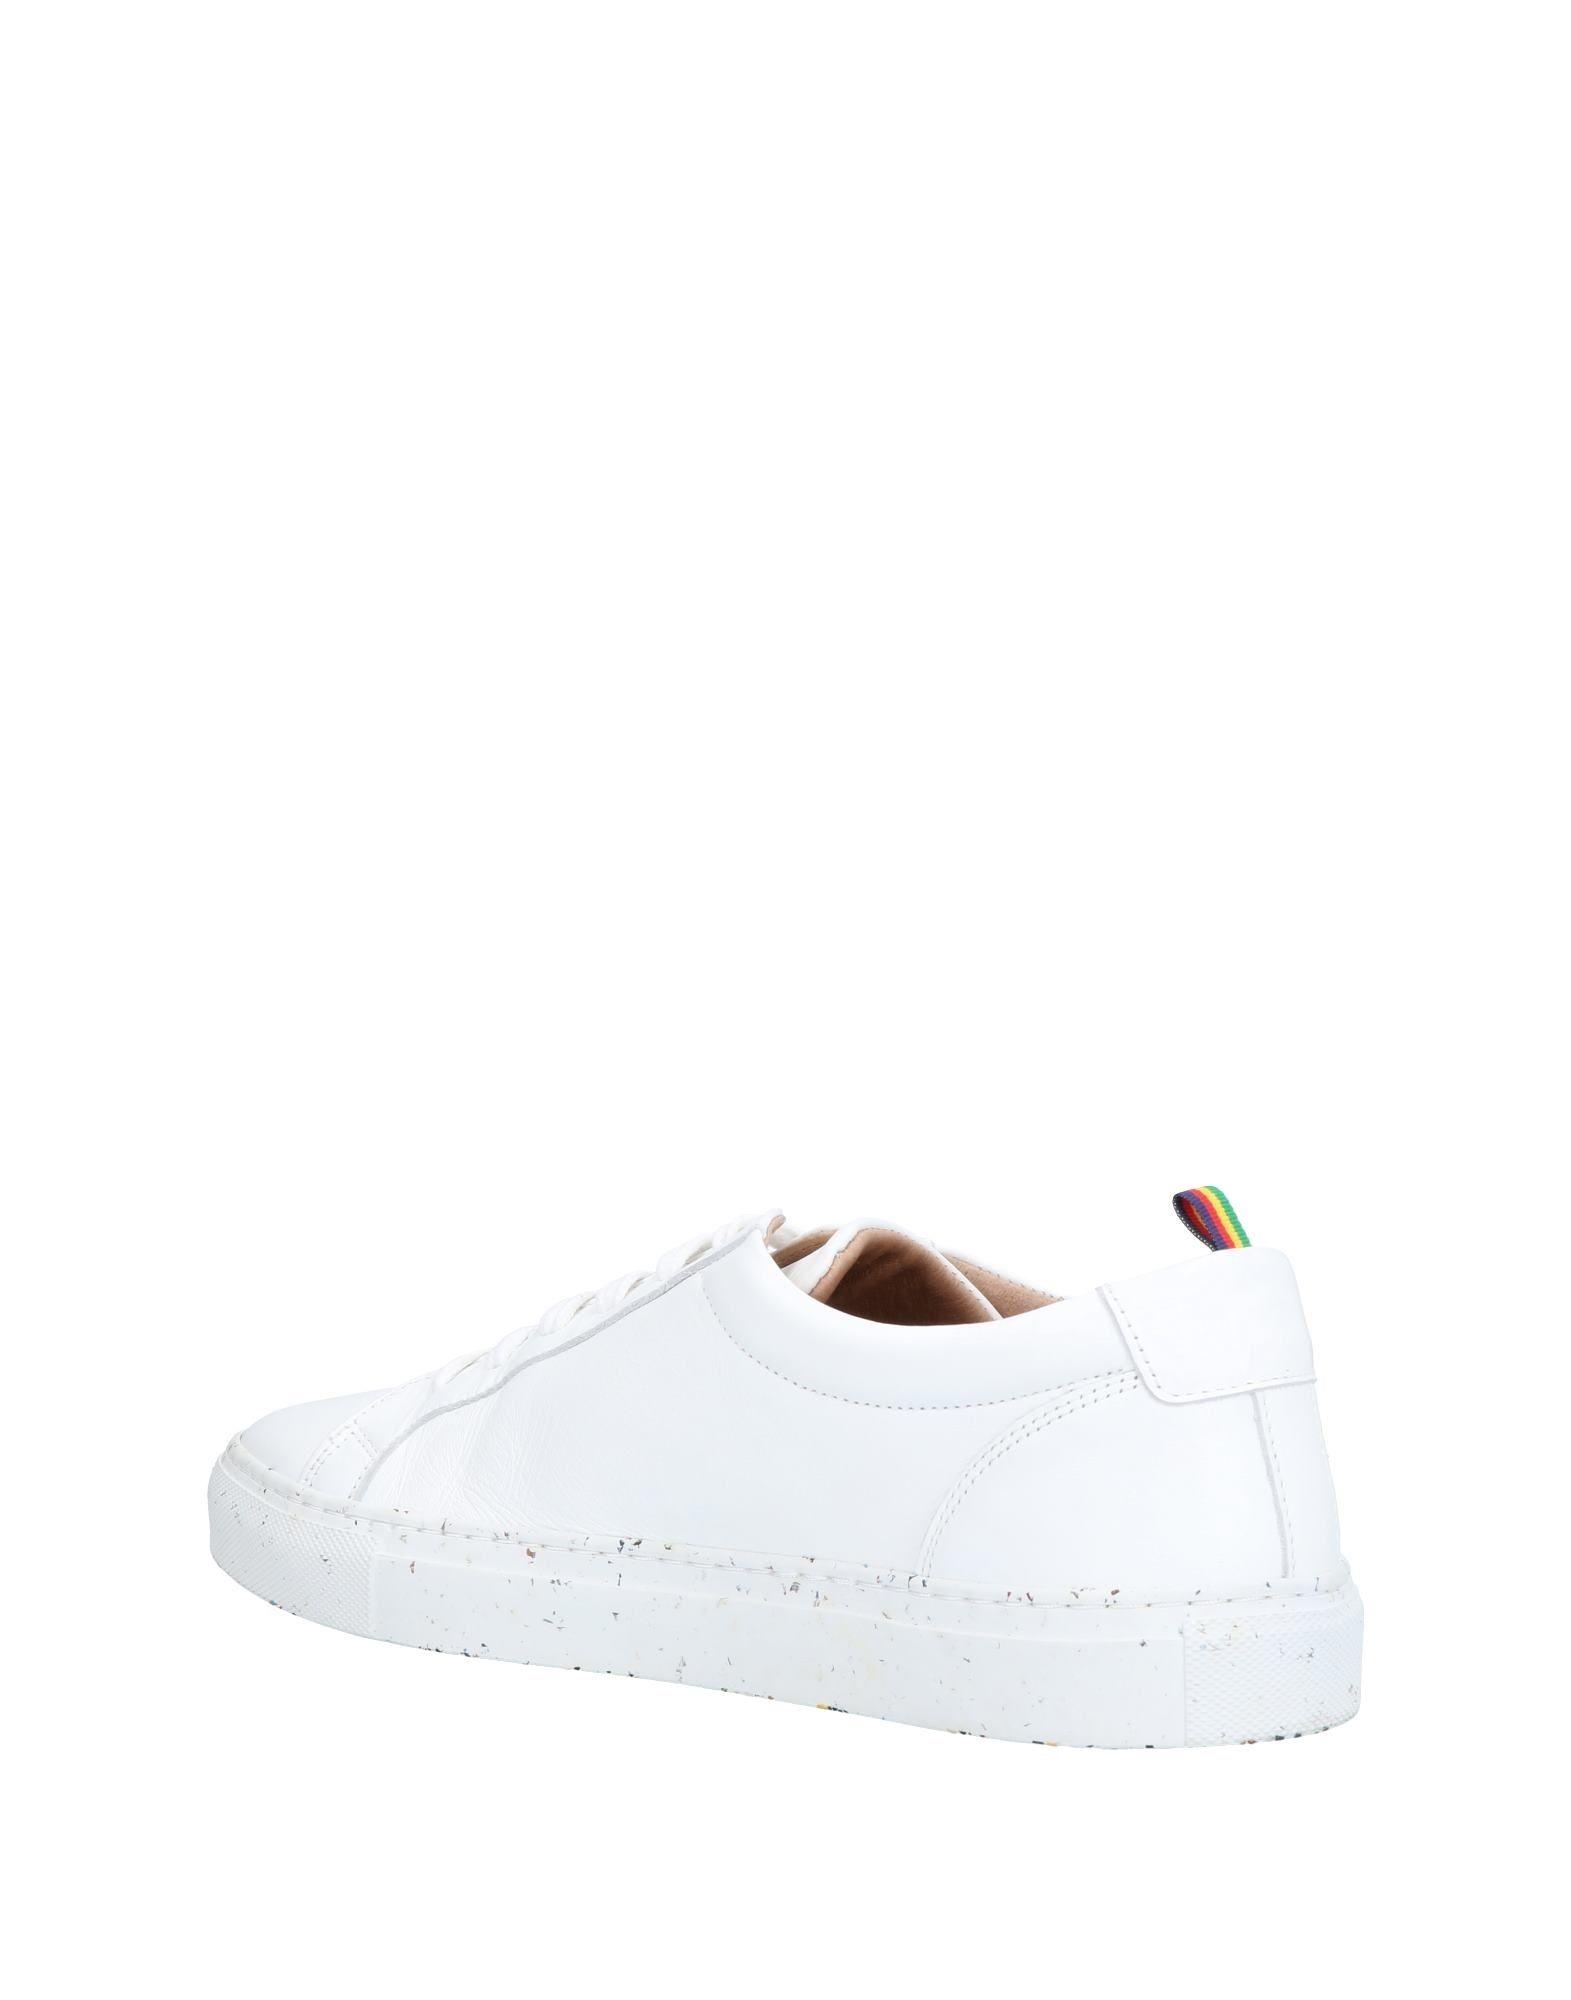 Rabatt echte Schuhe Manuel Ritz Sneakers  Herren  Sneakers 11487813ST 65c0ef